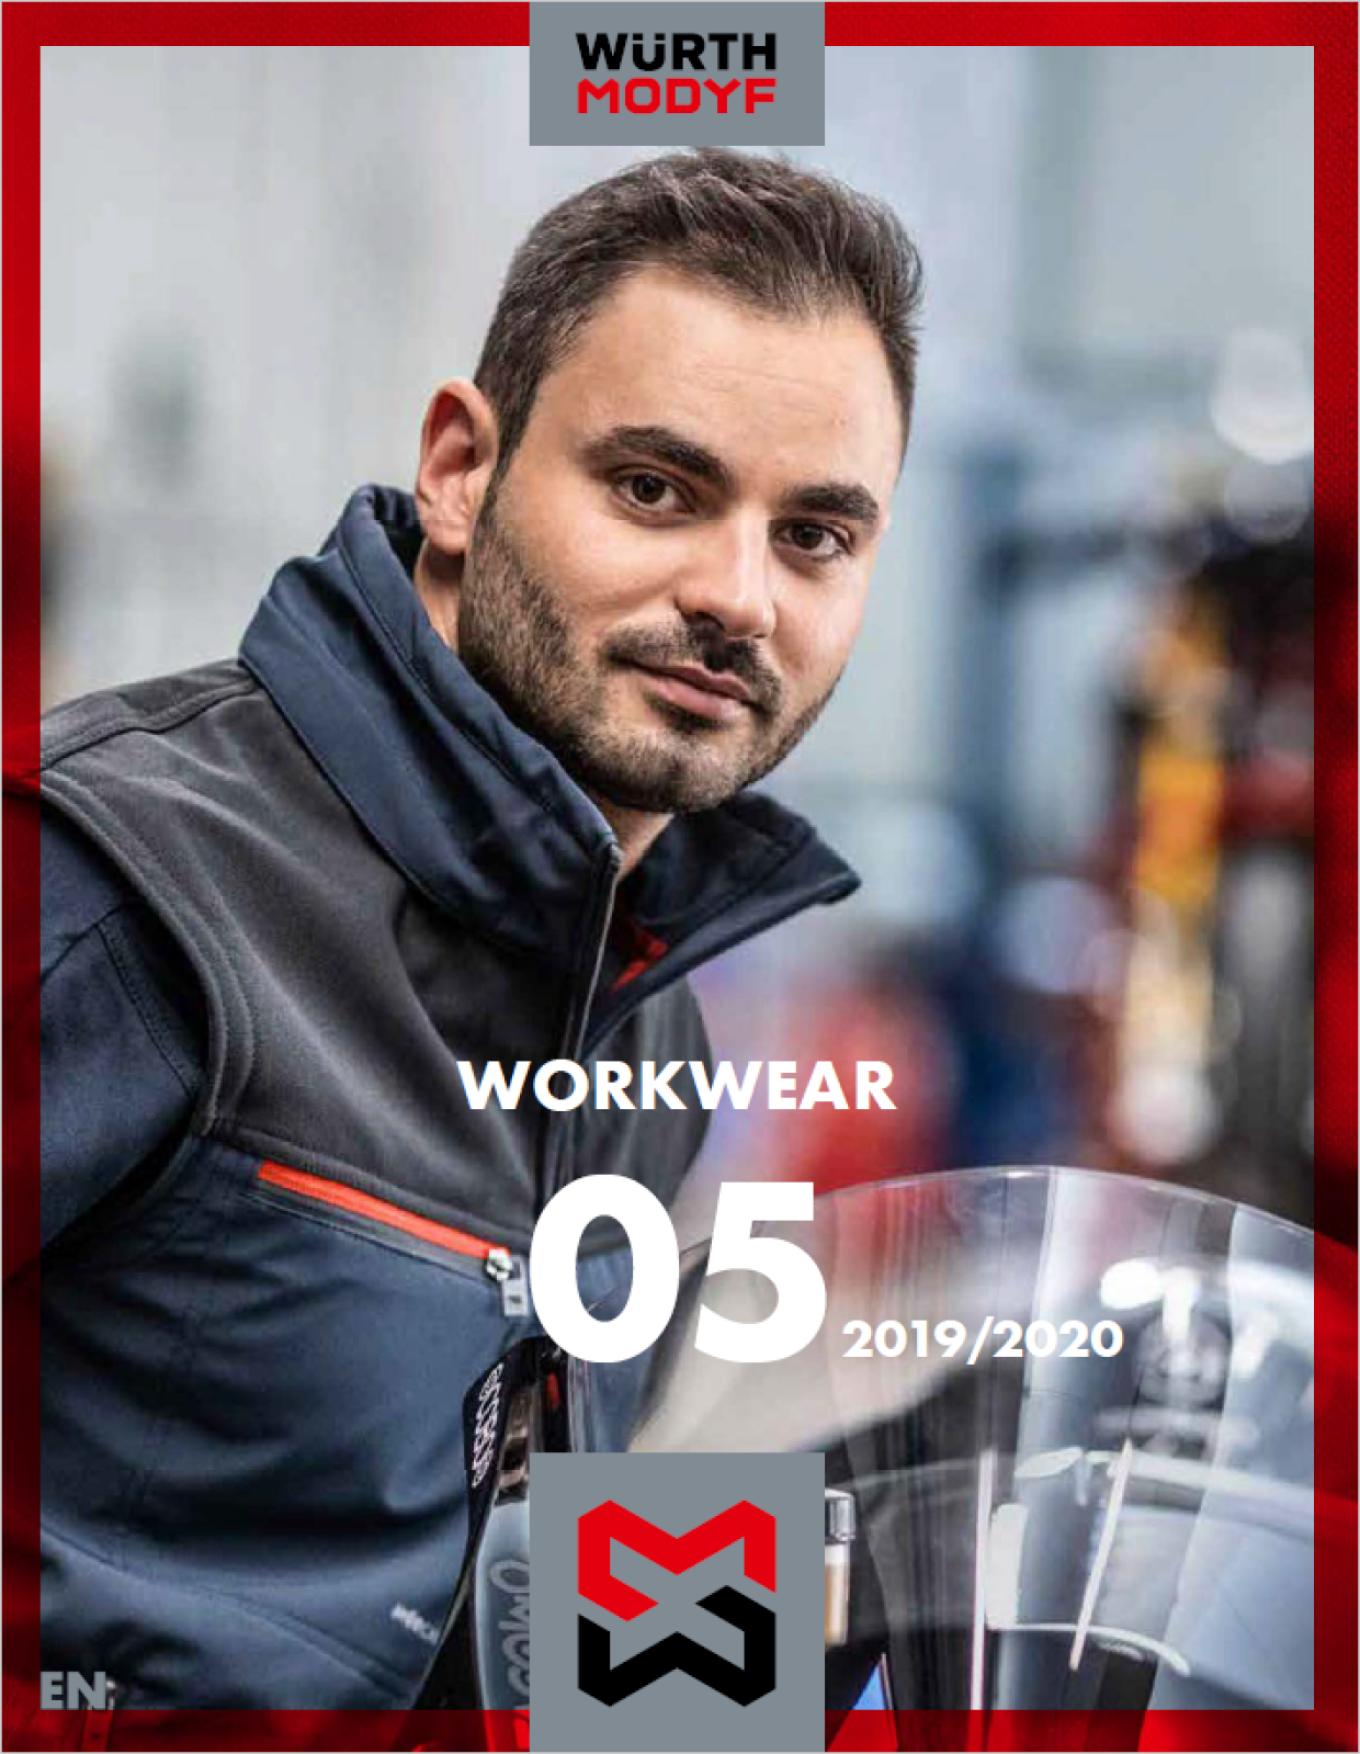 Zaščitna obutev, Zaščitne obleke, Delovna obutev, Delovne obleke